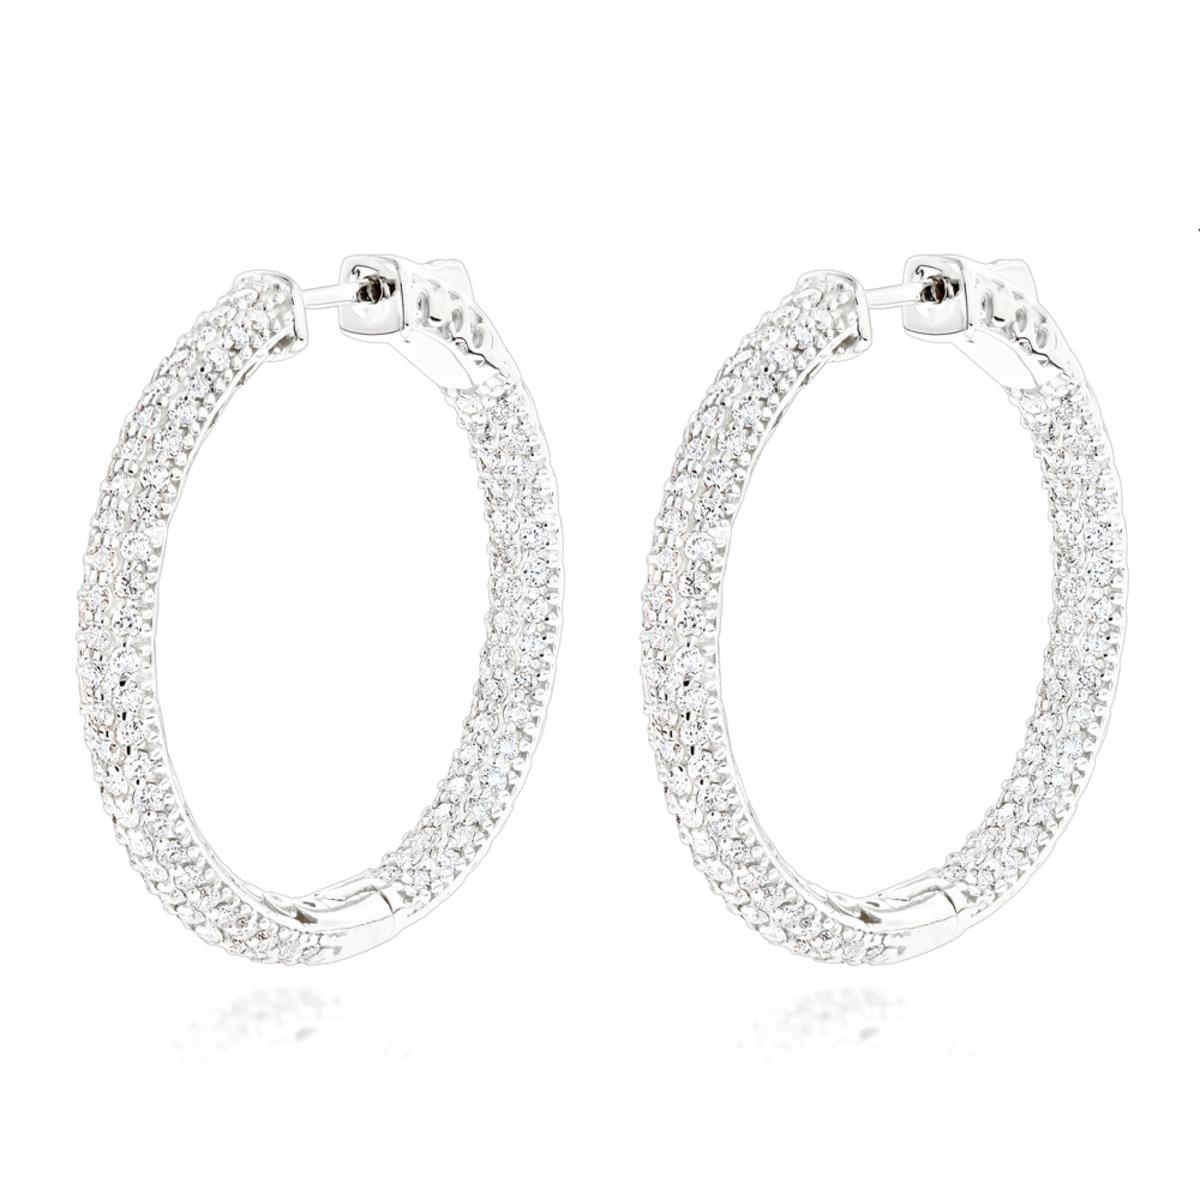 14K Gold 1 3/8 inch Diamond Hoop Earrings Inside Out 4.40ct